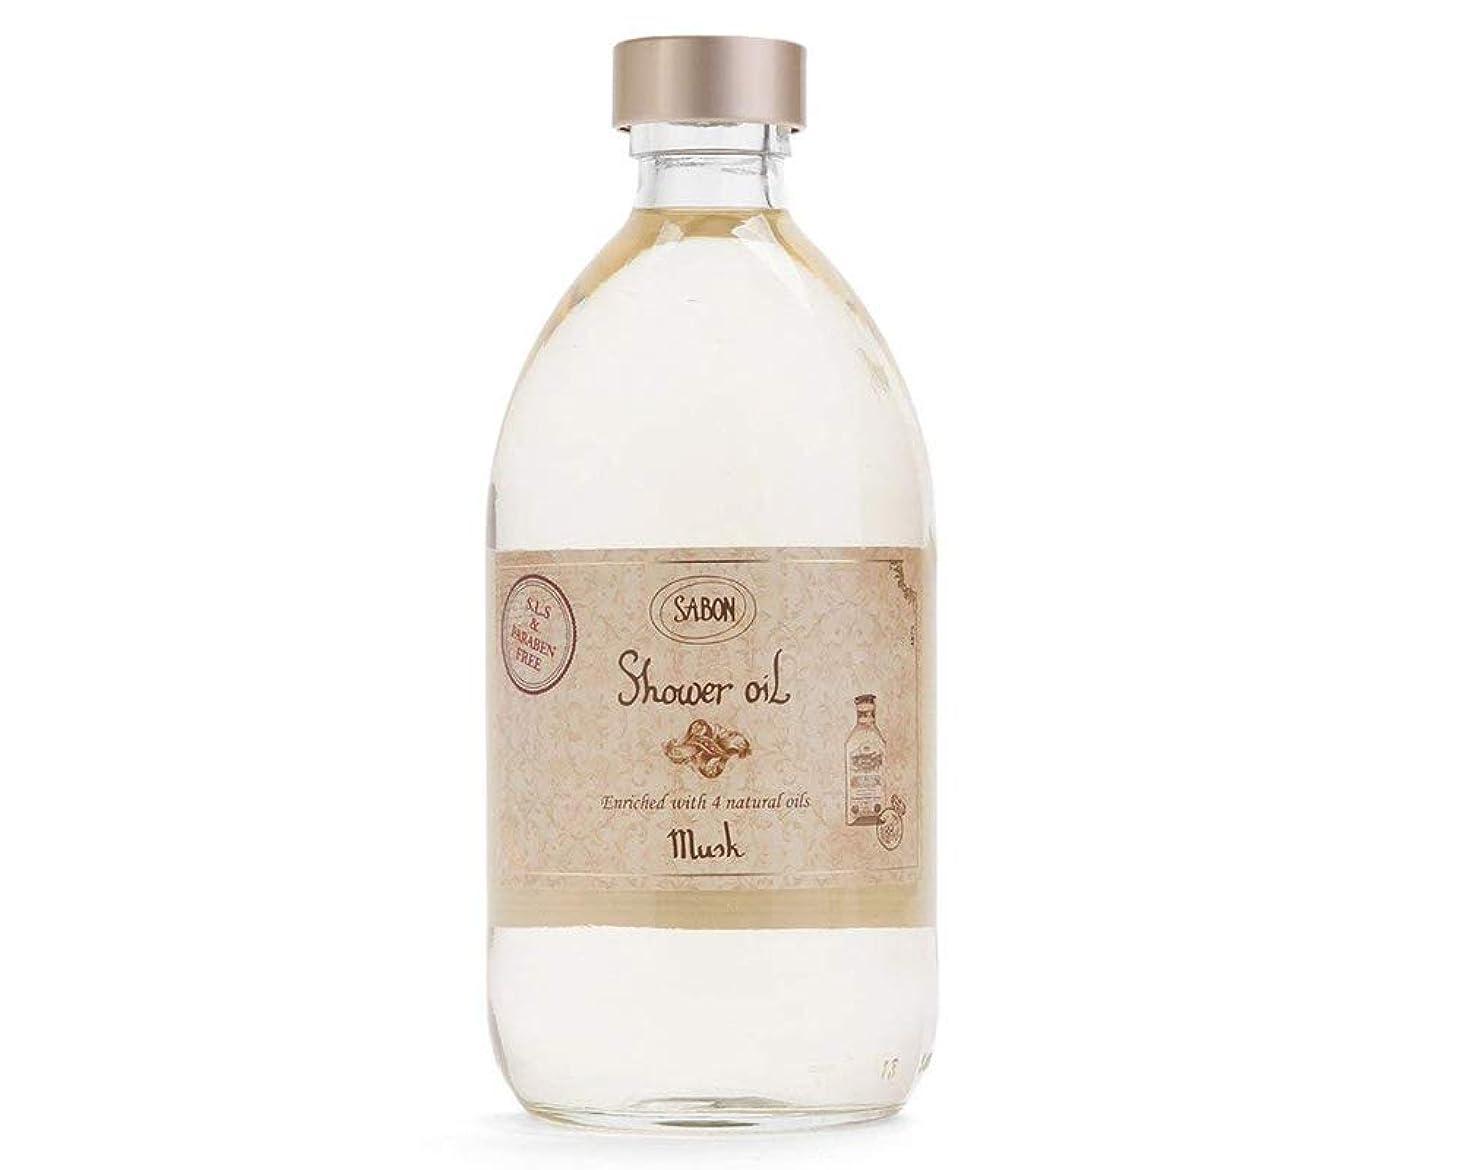 ネイティブ別々に男らしさサボン SABON シャワーオイル ムスク 500ml ボディケア 保湿 潤い (香水/コスメ)